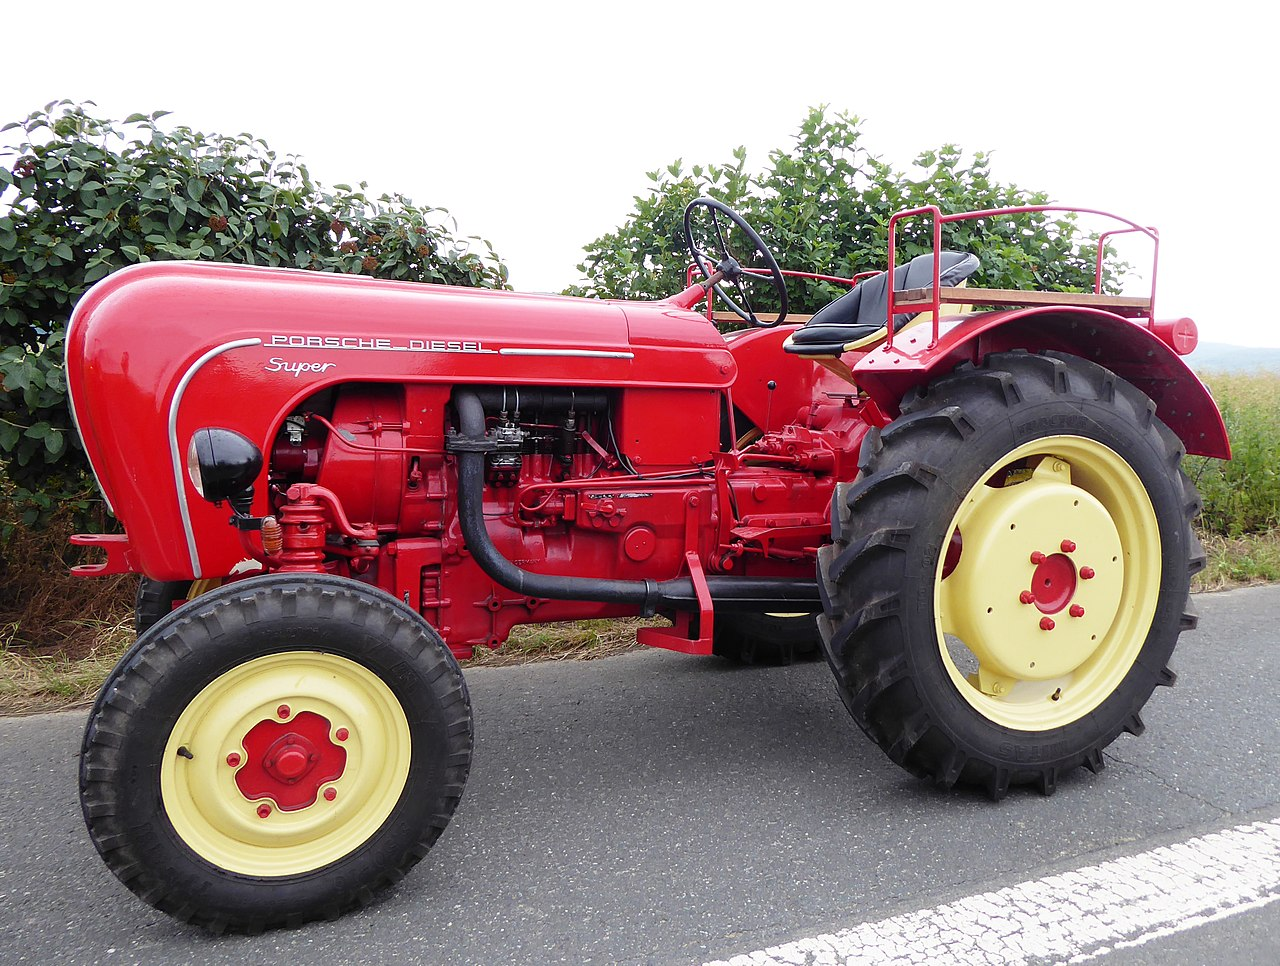 1280px-Traktor_PORSCHE_Diesel_Super.jpg